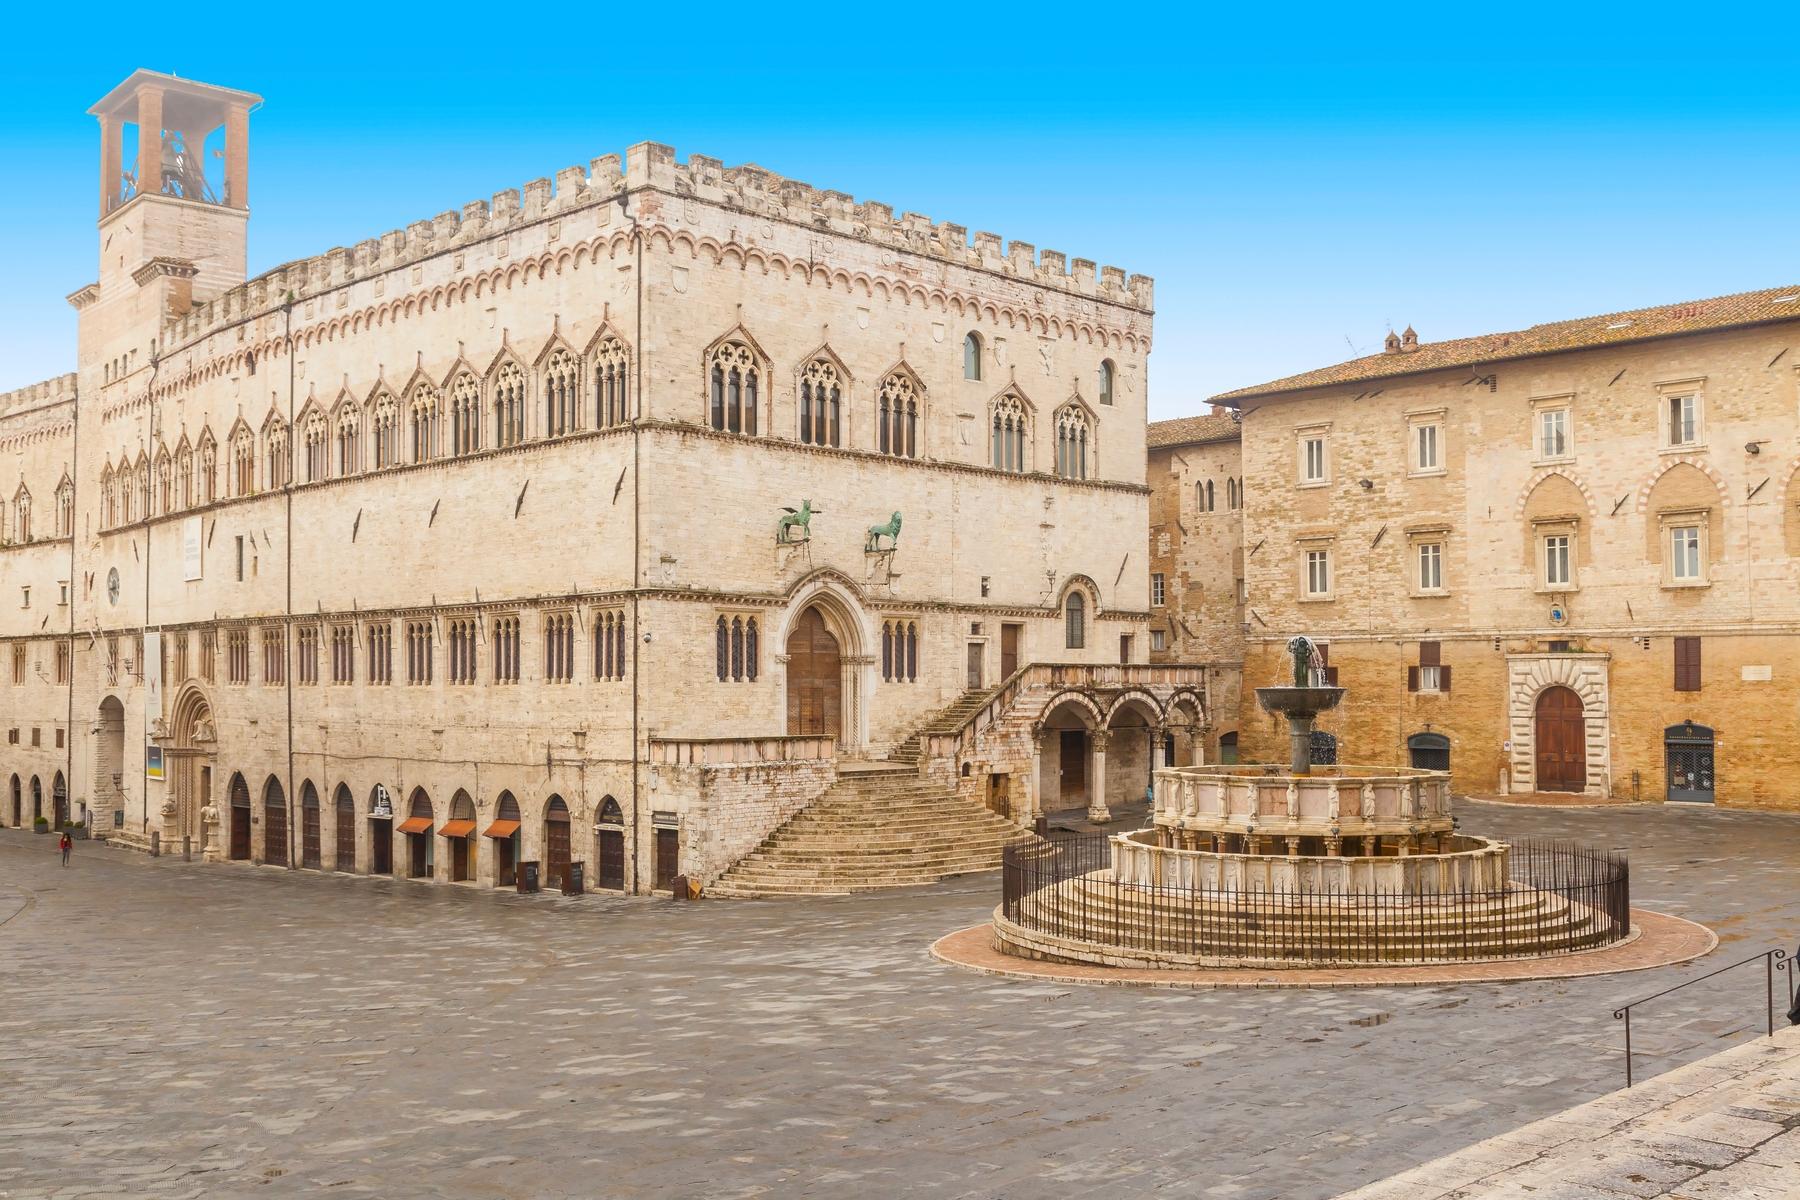 posti da visitare in Umbria: Perugia